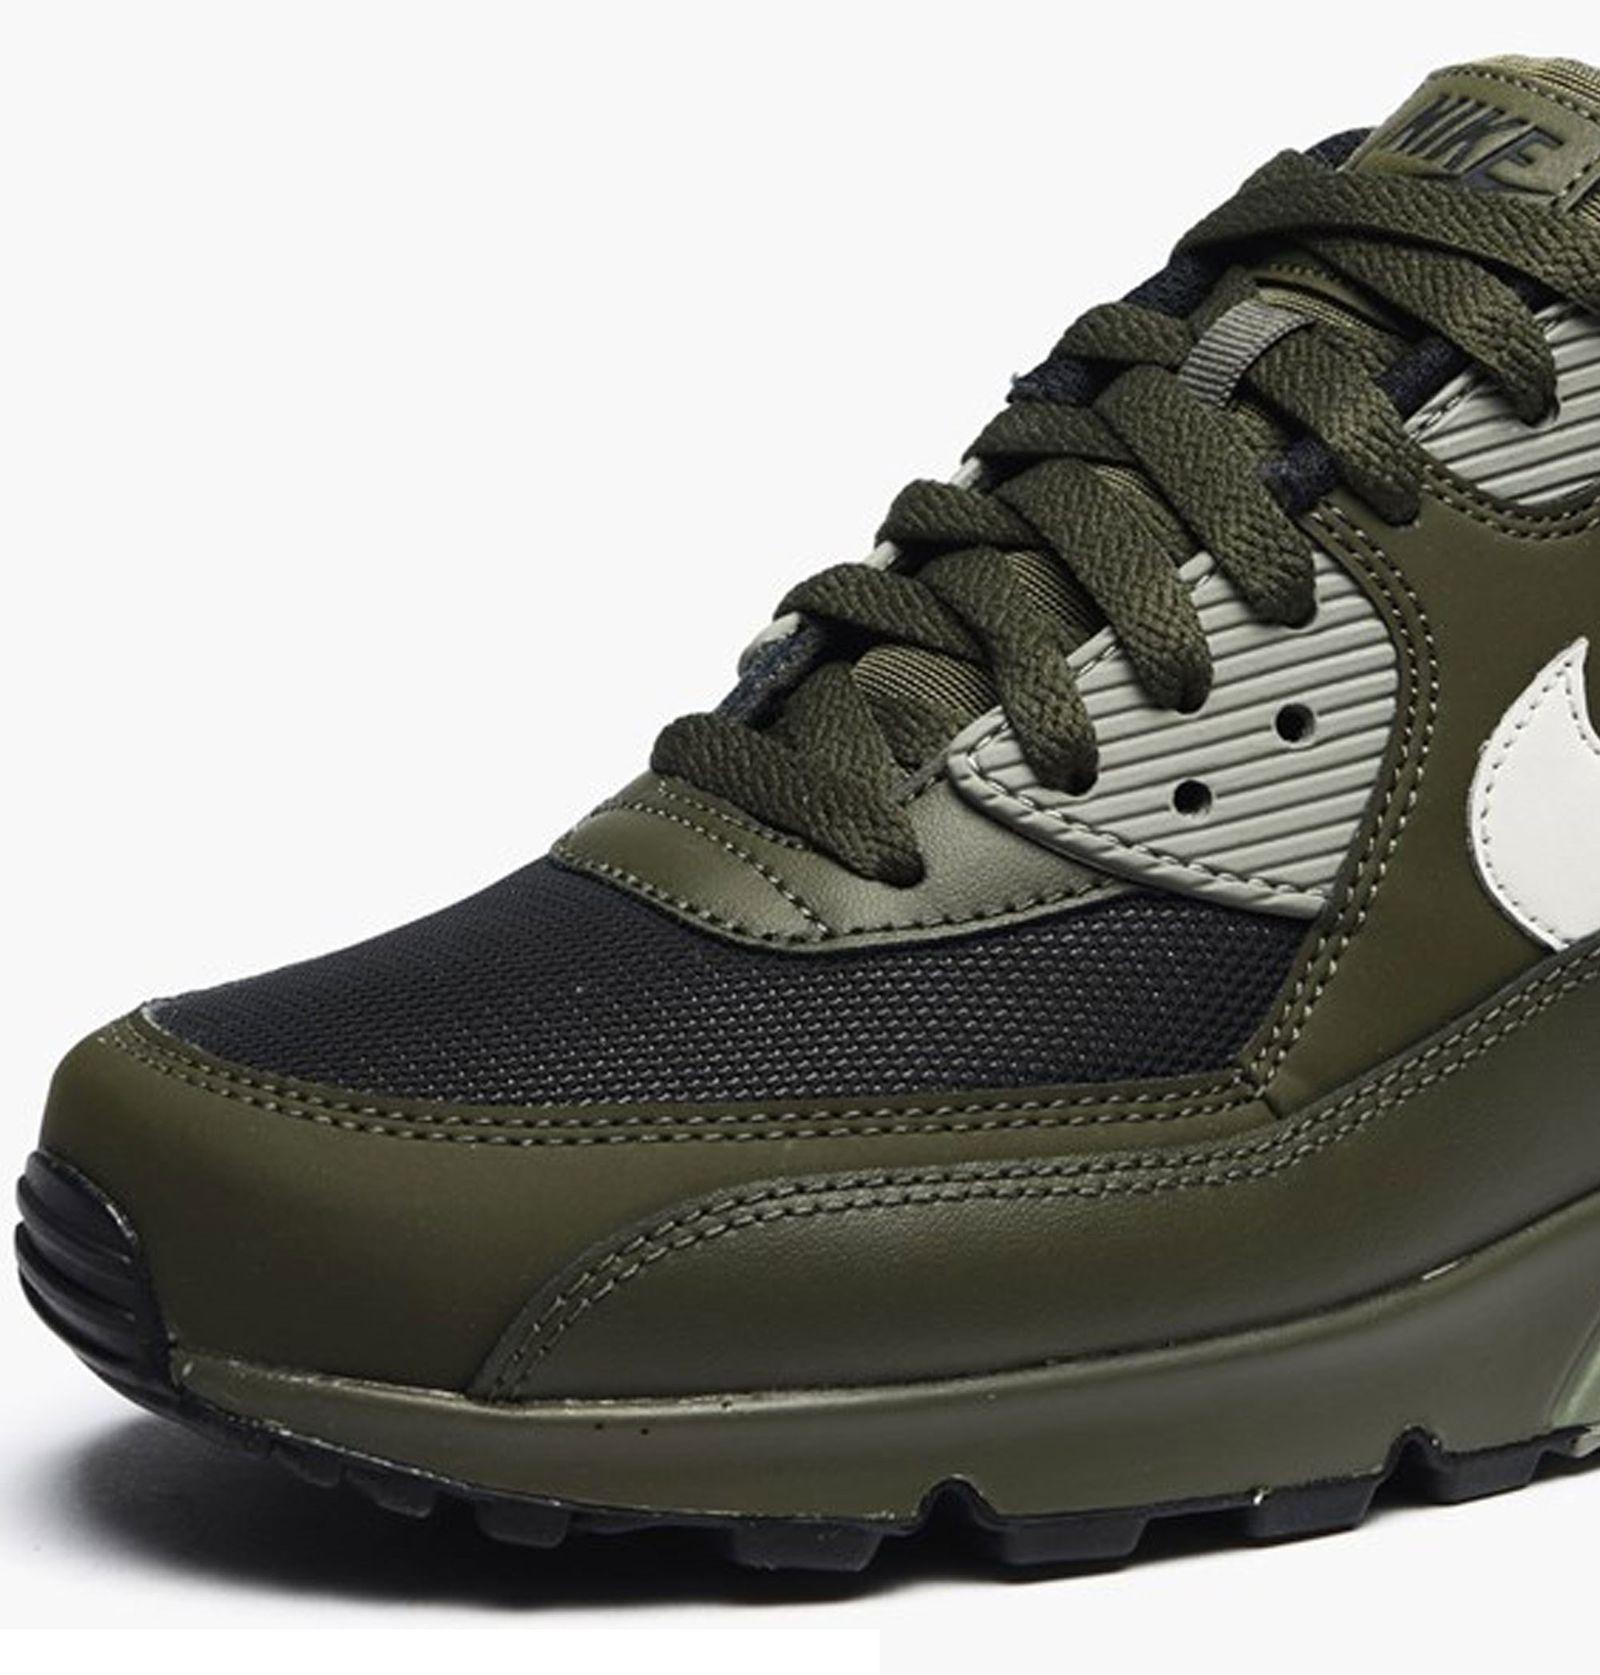 کفش ورزشی دویدن مردانه Air Max 90 Essential - نایکی - زيتوني تيره - 6